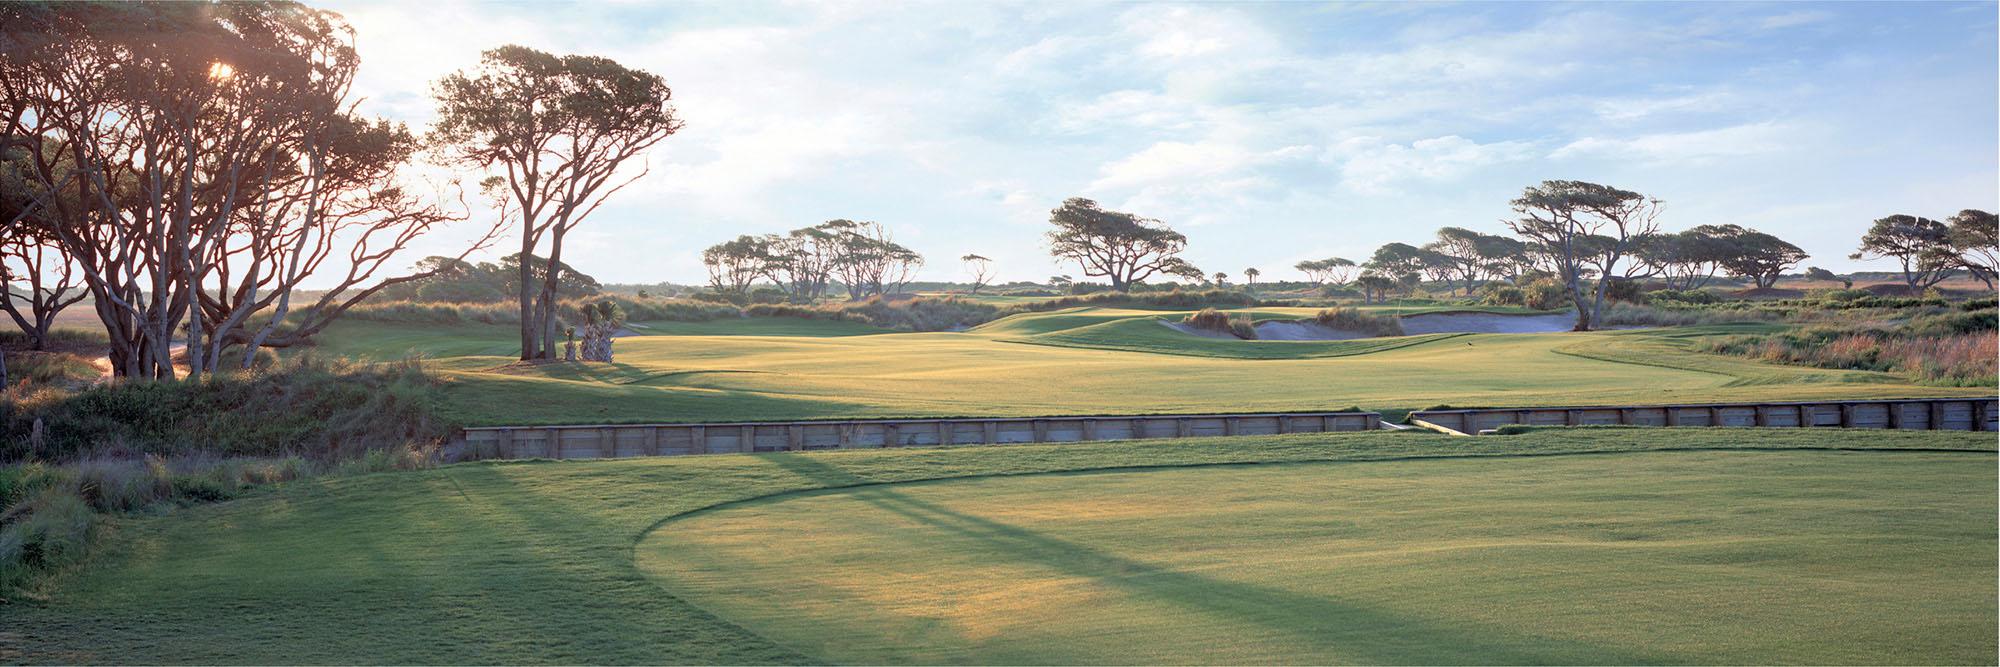 Golf Course Image - Kiawah Ocean Course No. 2